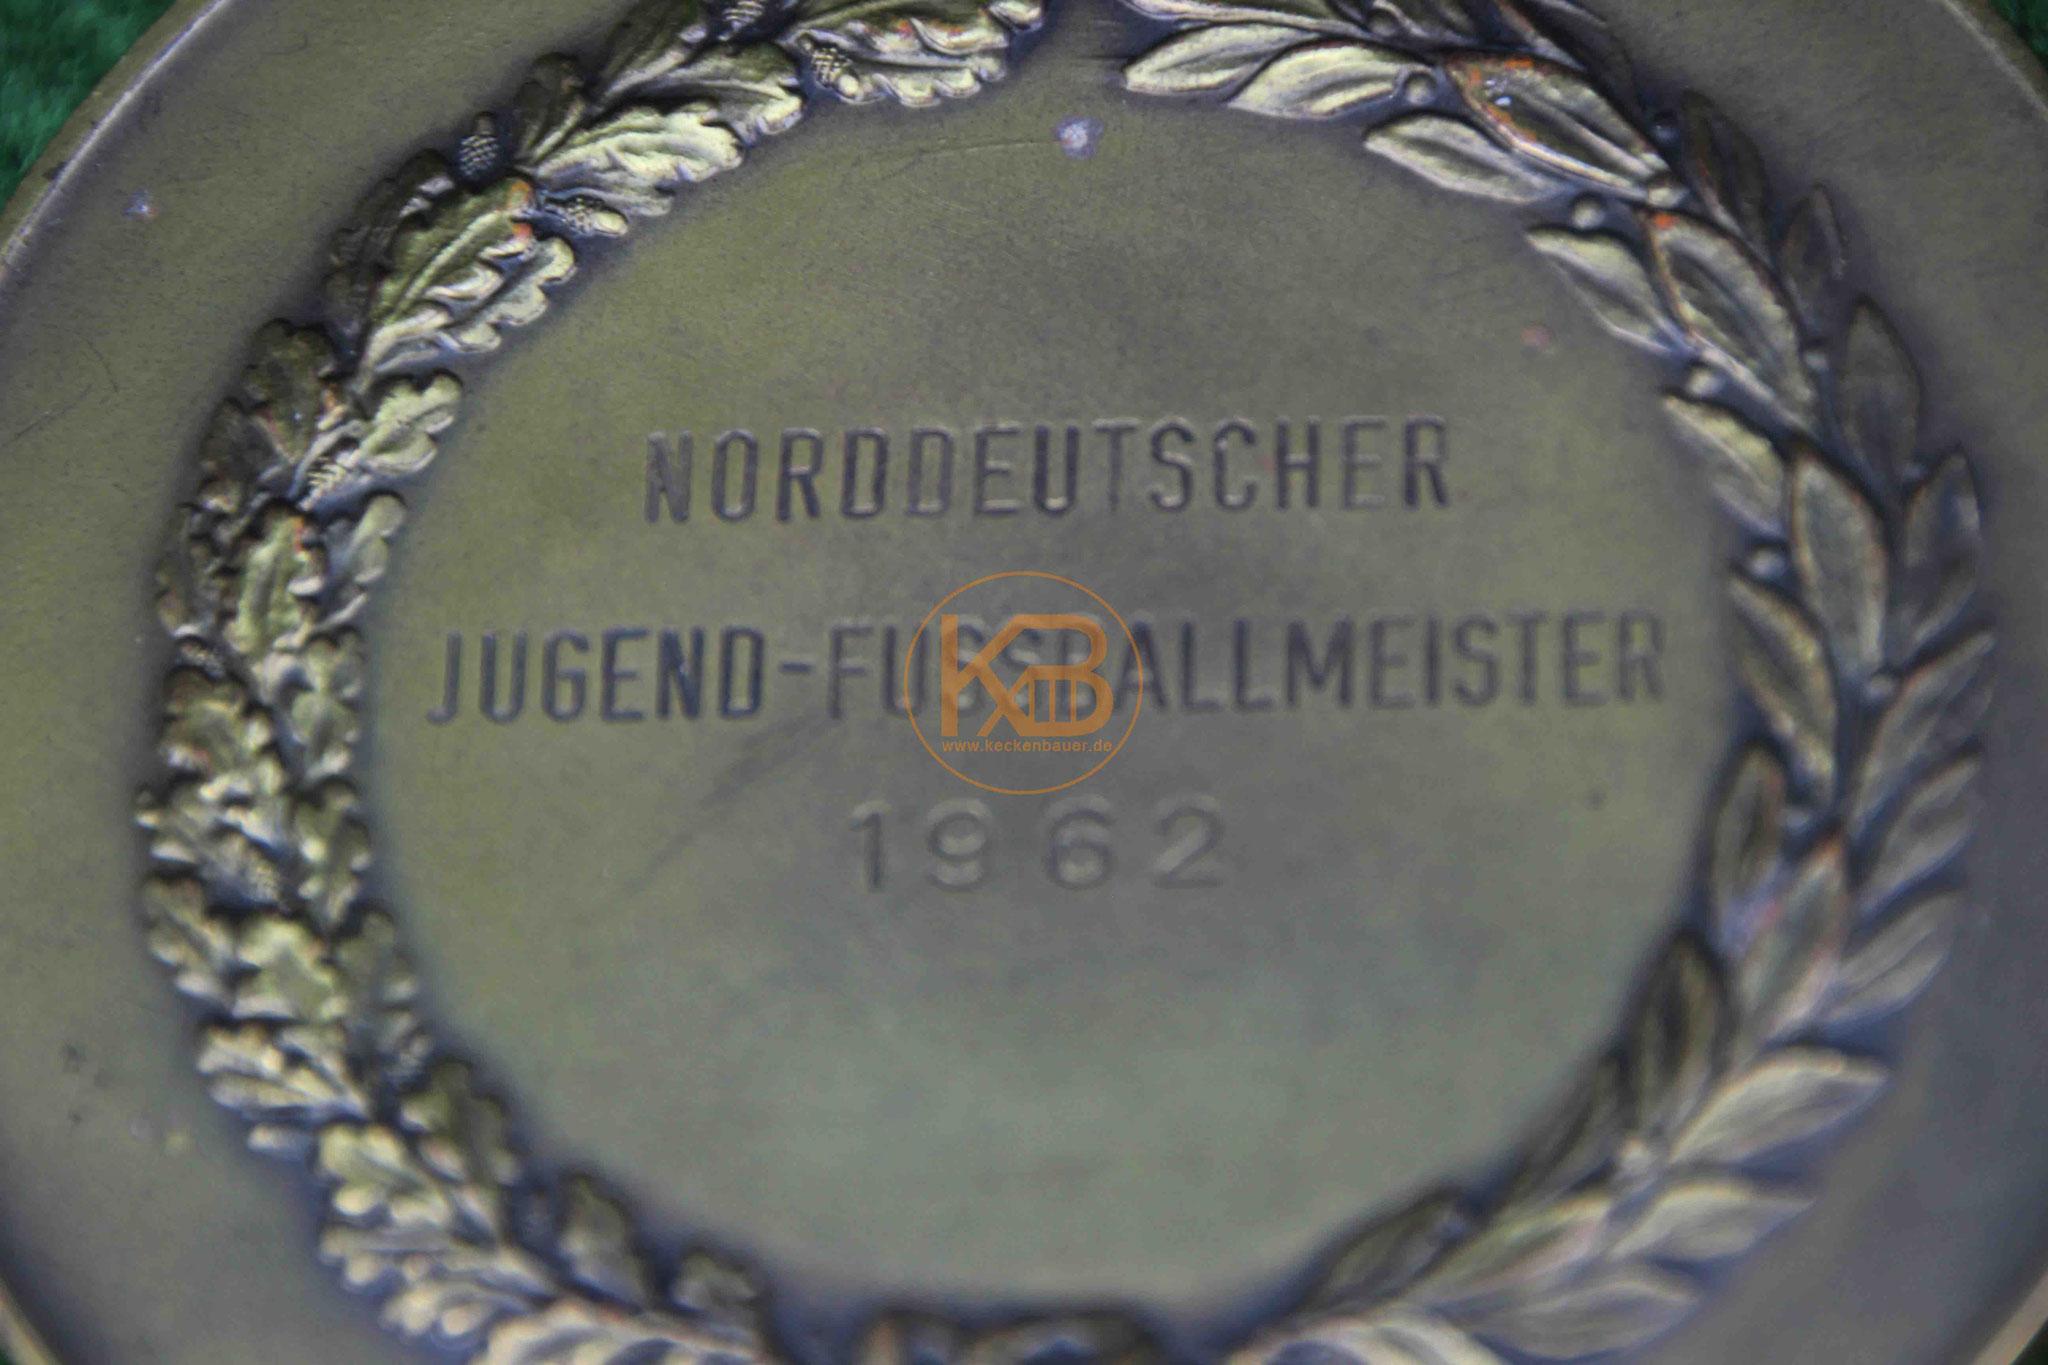 Erinnerungsmedaille von Hannover96 anlässlich der Norddeutschen Jugendmeisterschaft im Jahr 1962 2/2